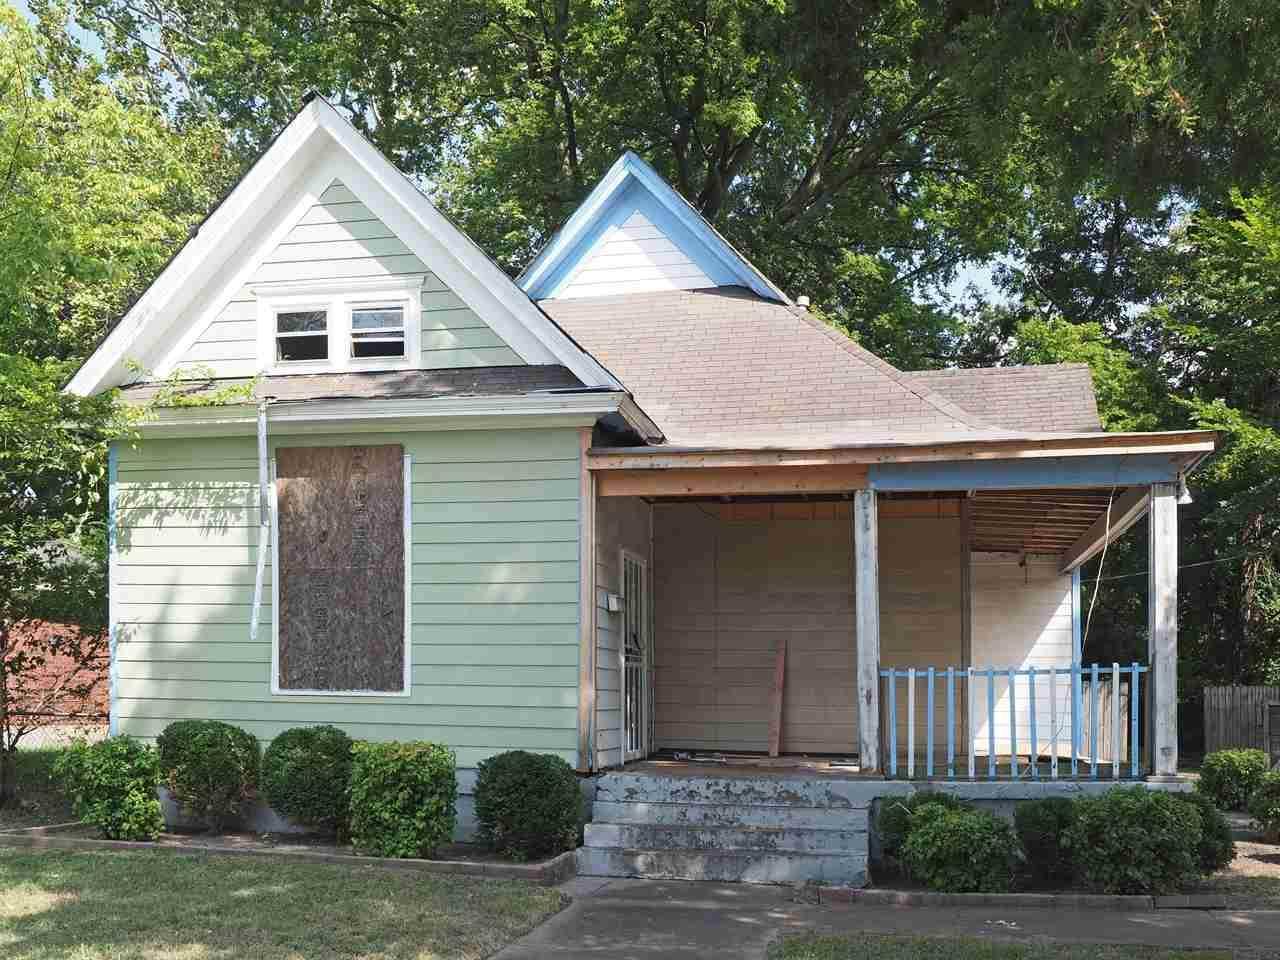 1084 Decatur St - Photo 1